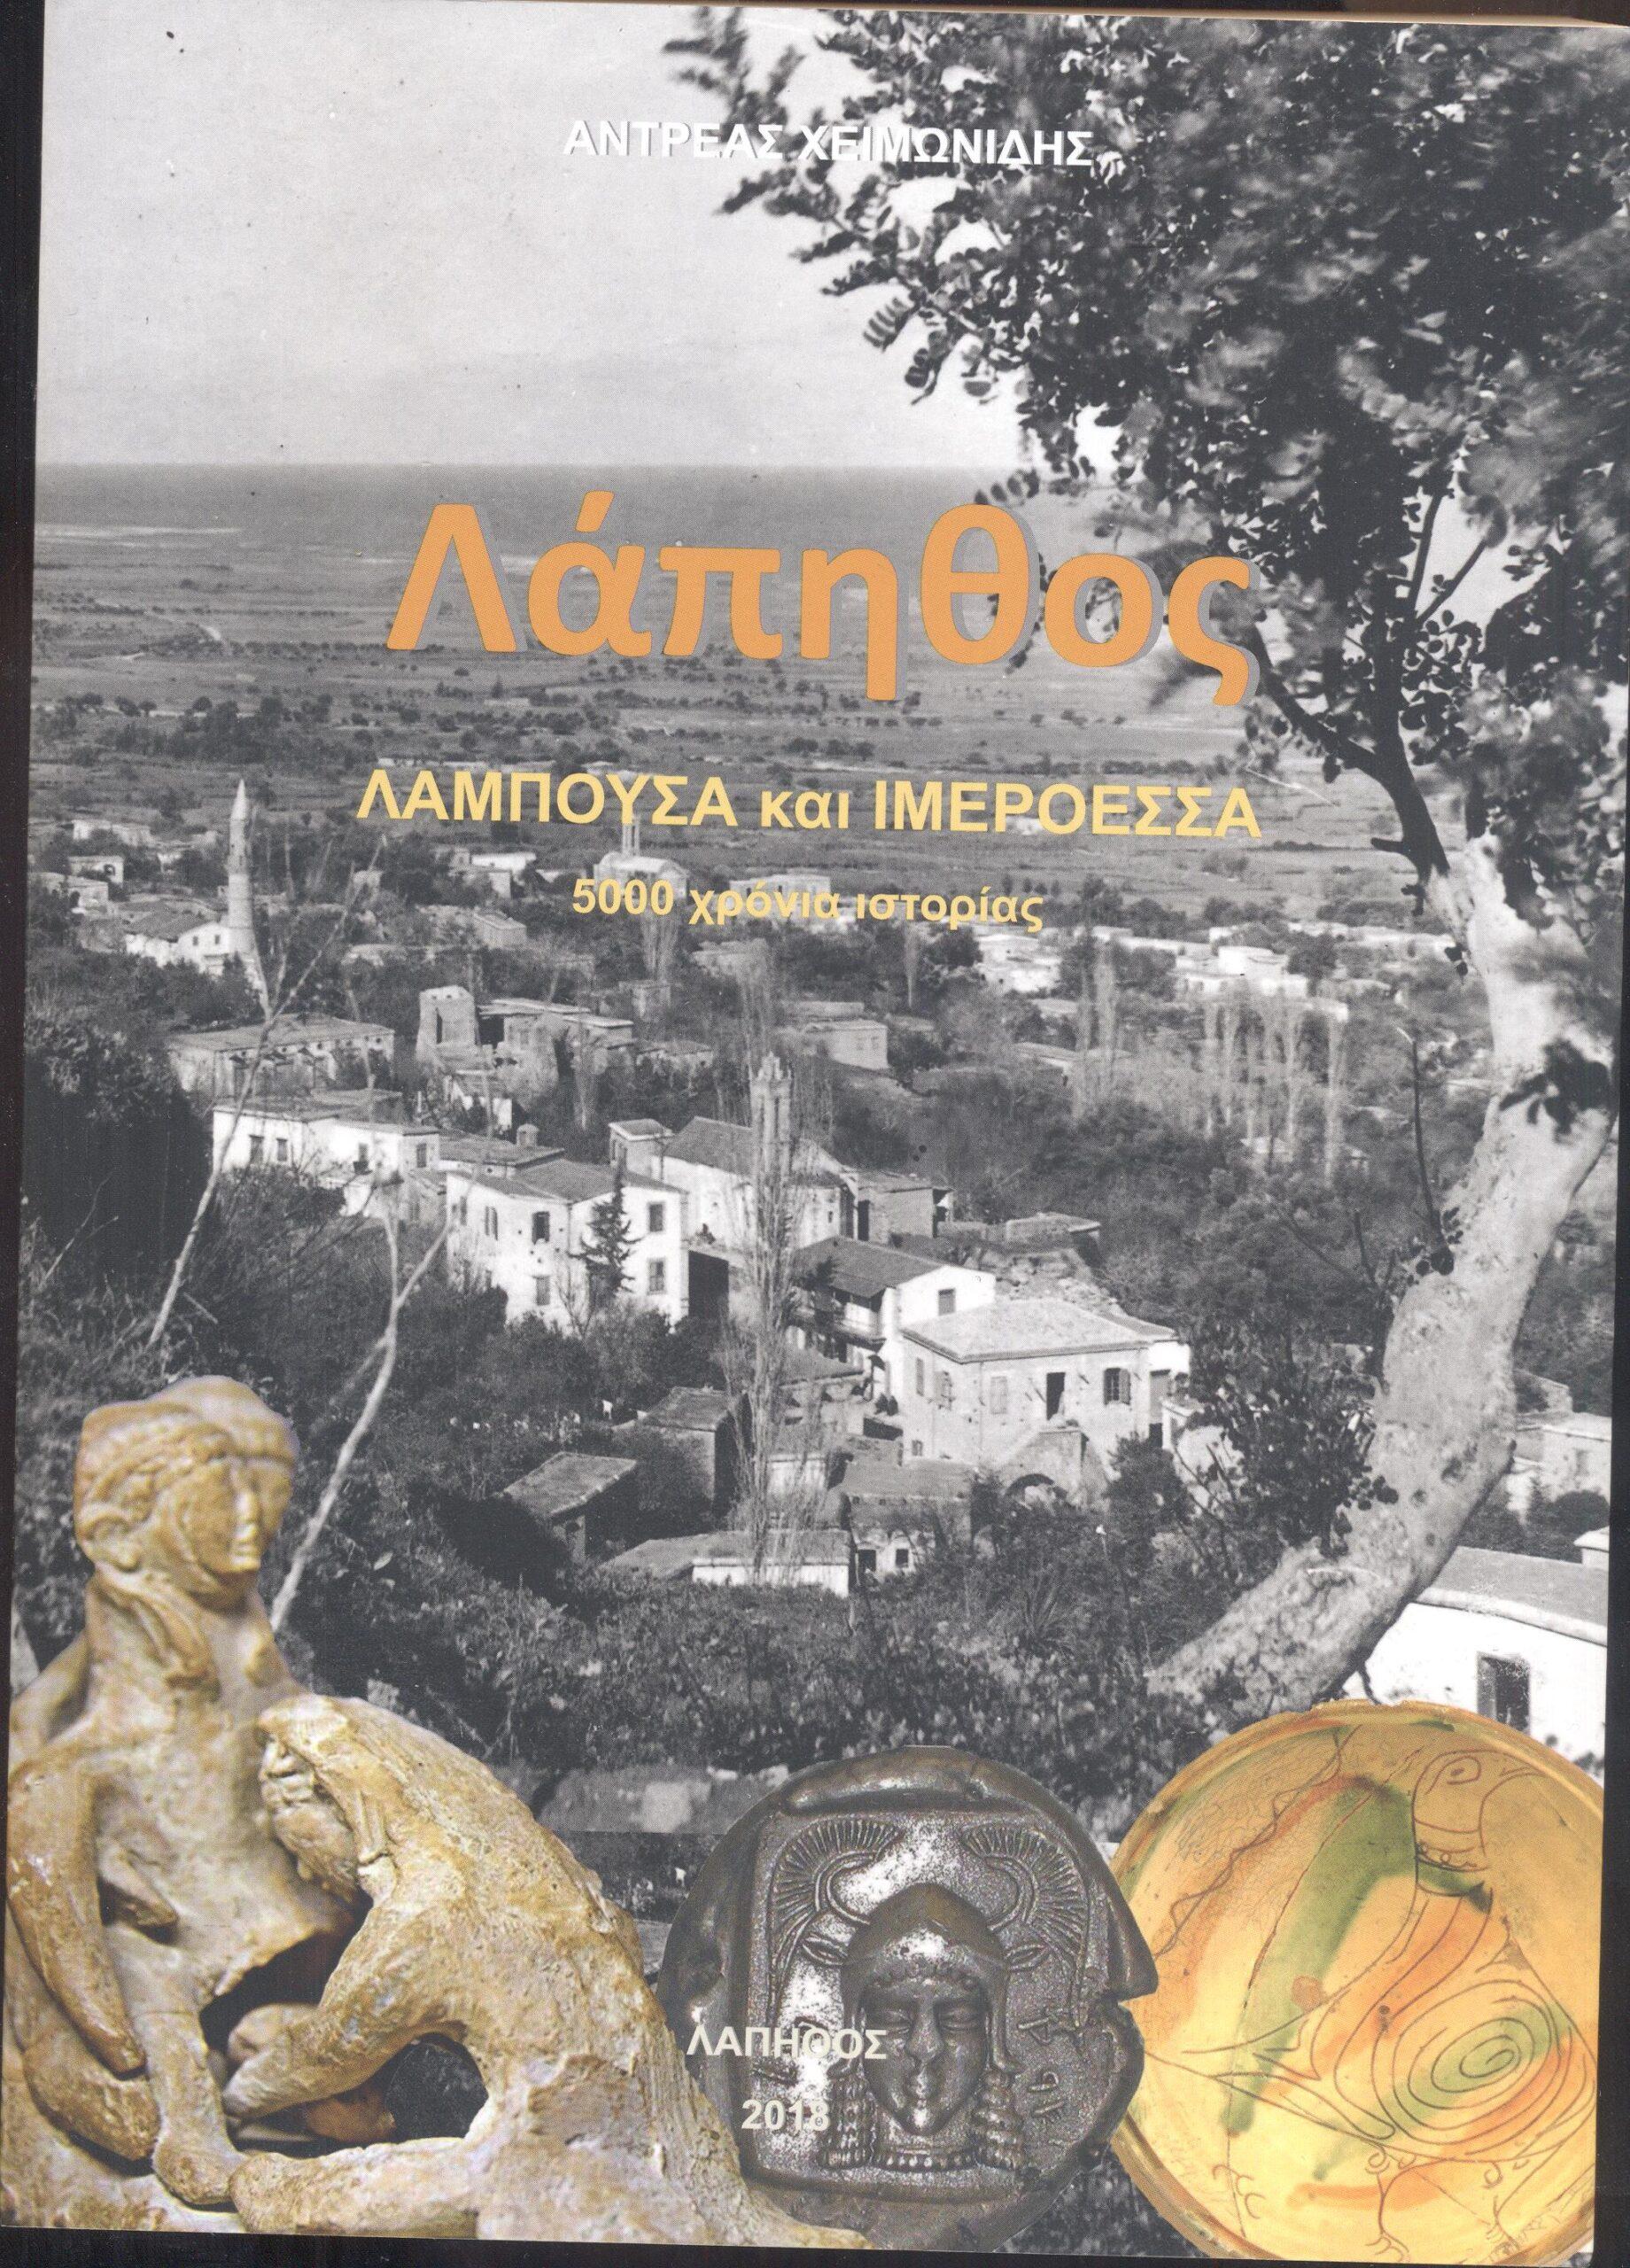 Λάπηθος, Λαμπούσα και Ιμεροεσσα, 500 χρόνια Ιστορίας 001